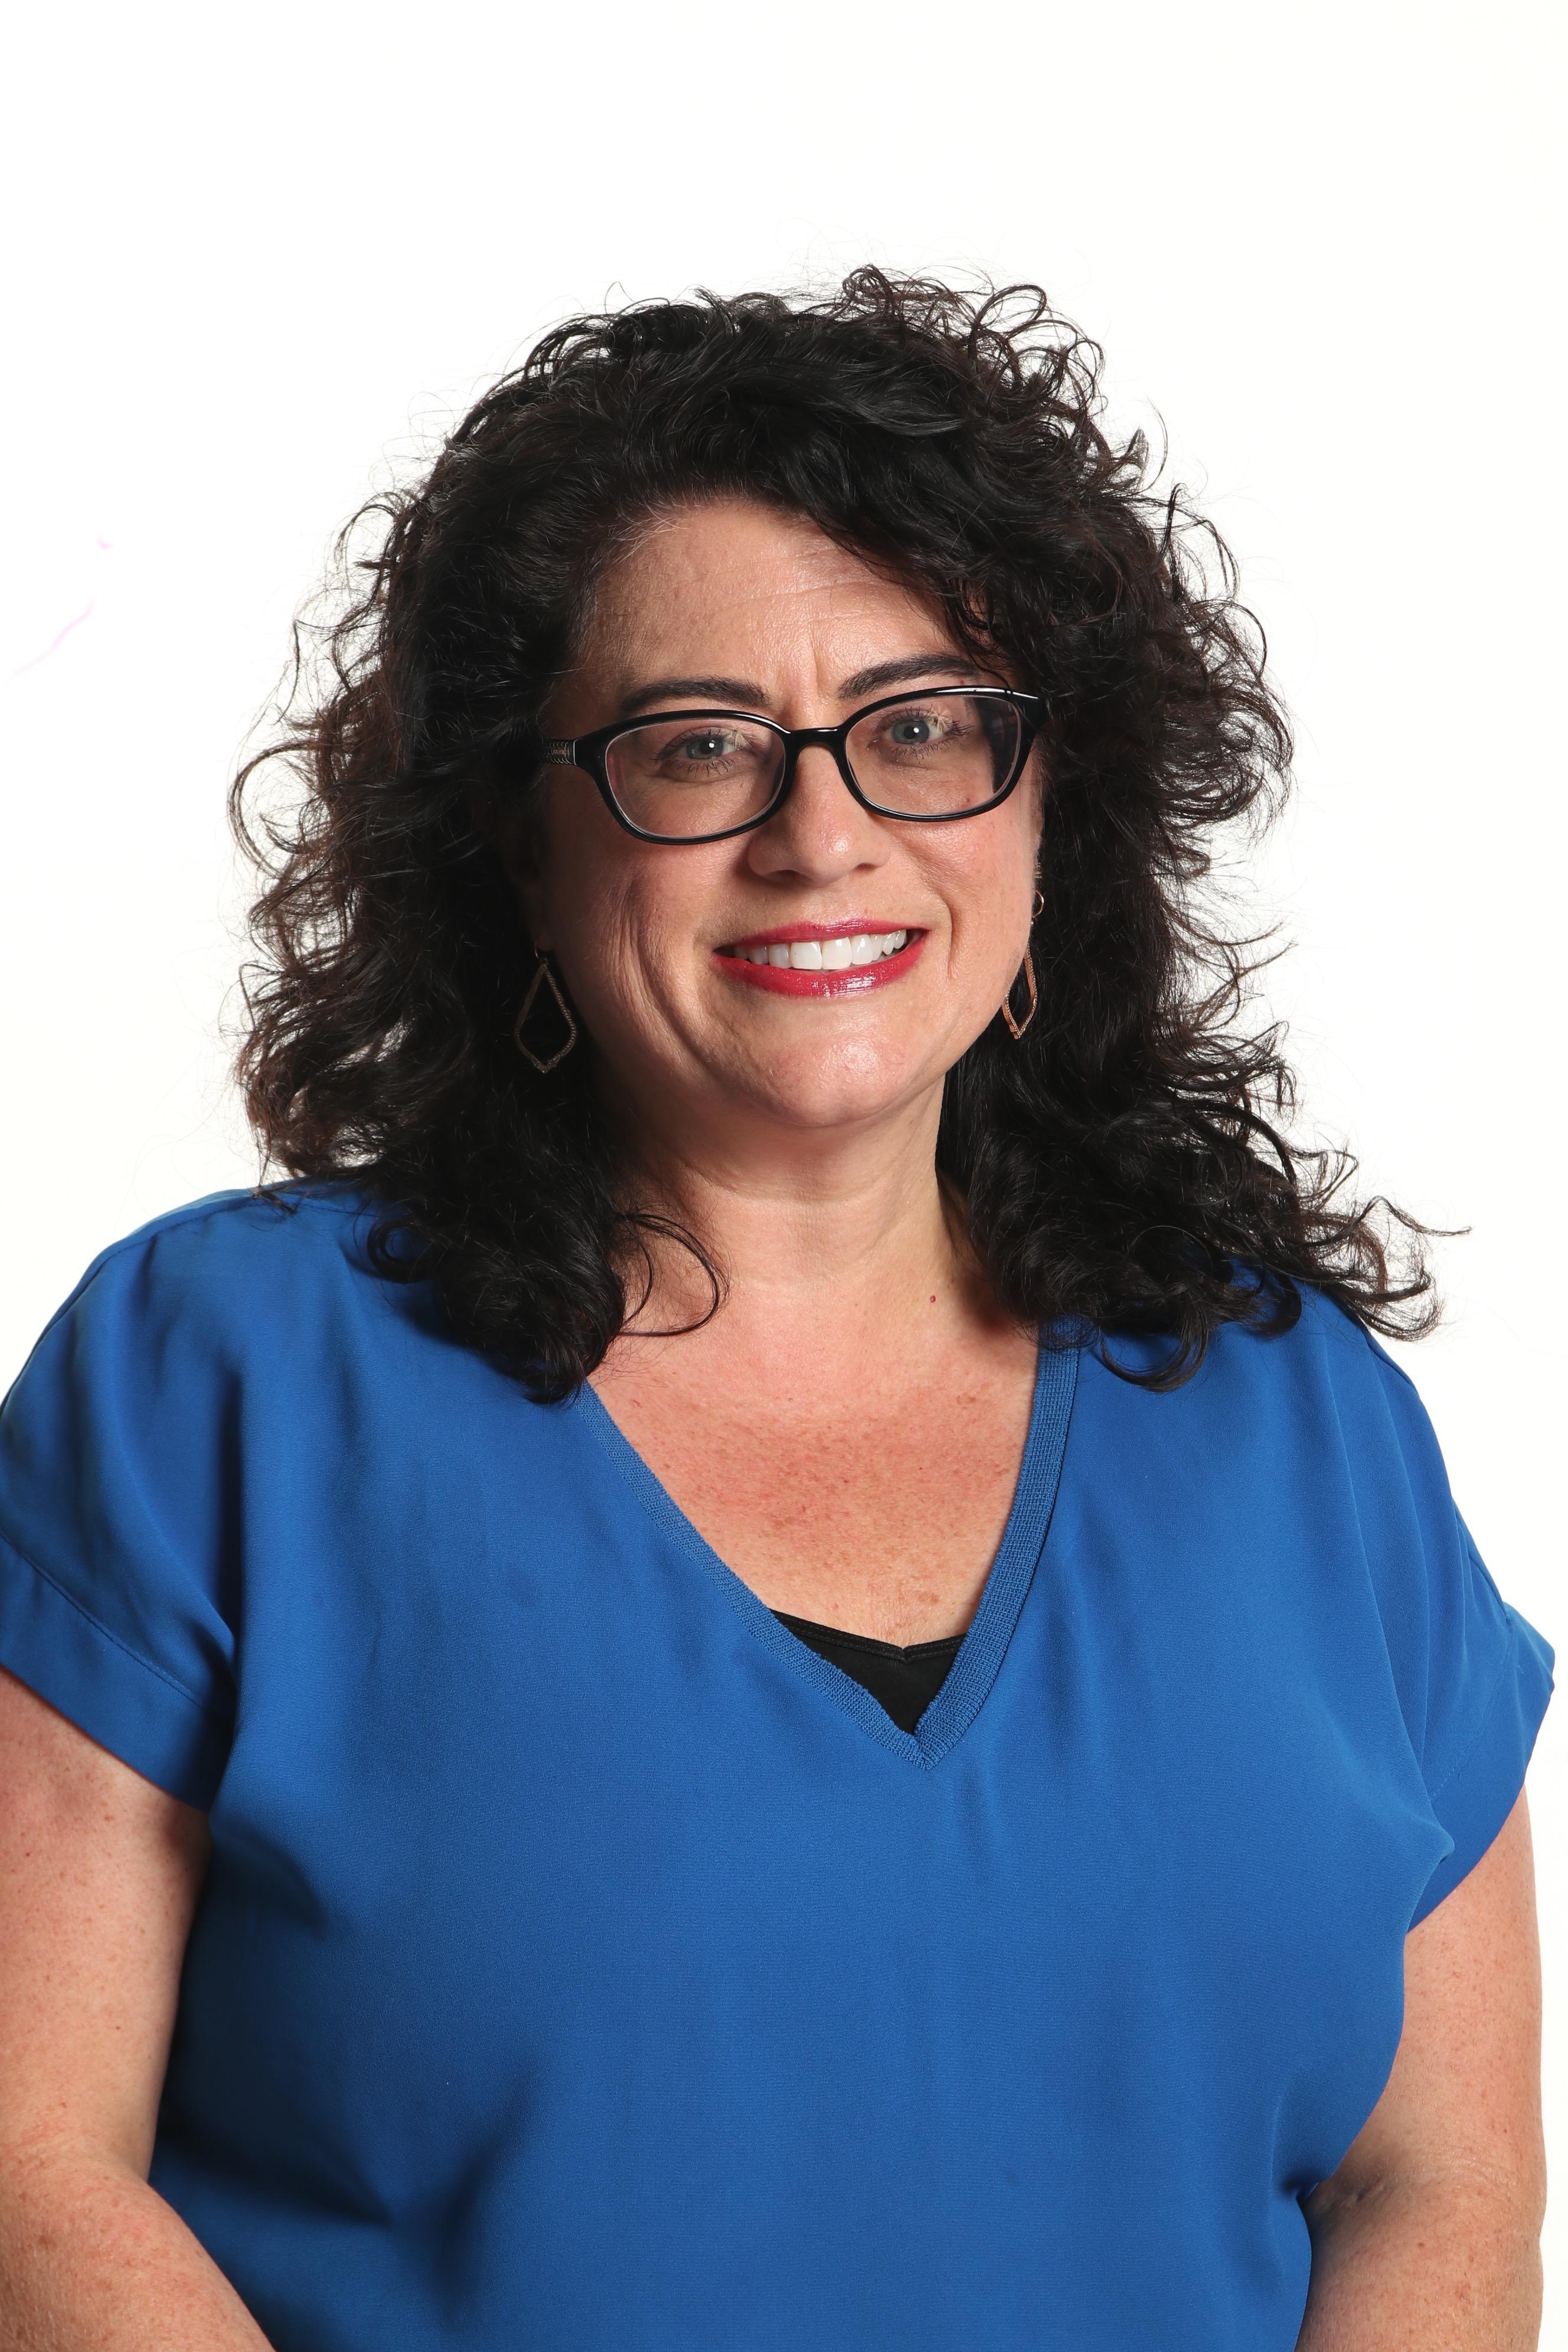 Colleen Yellak